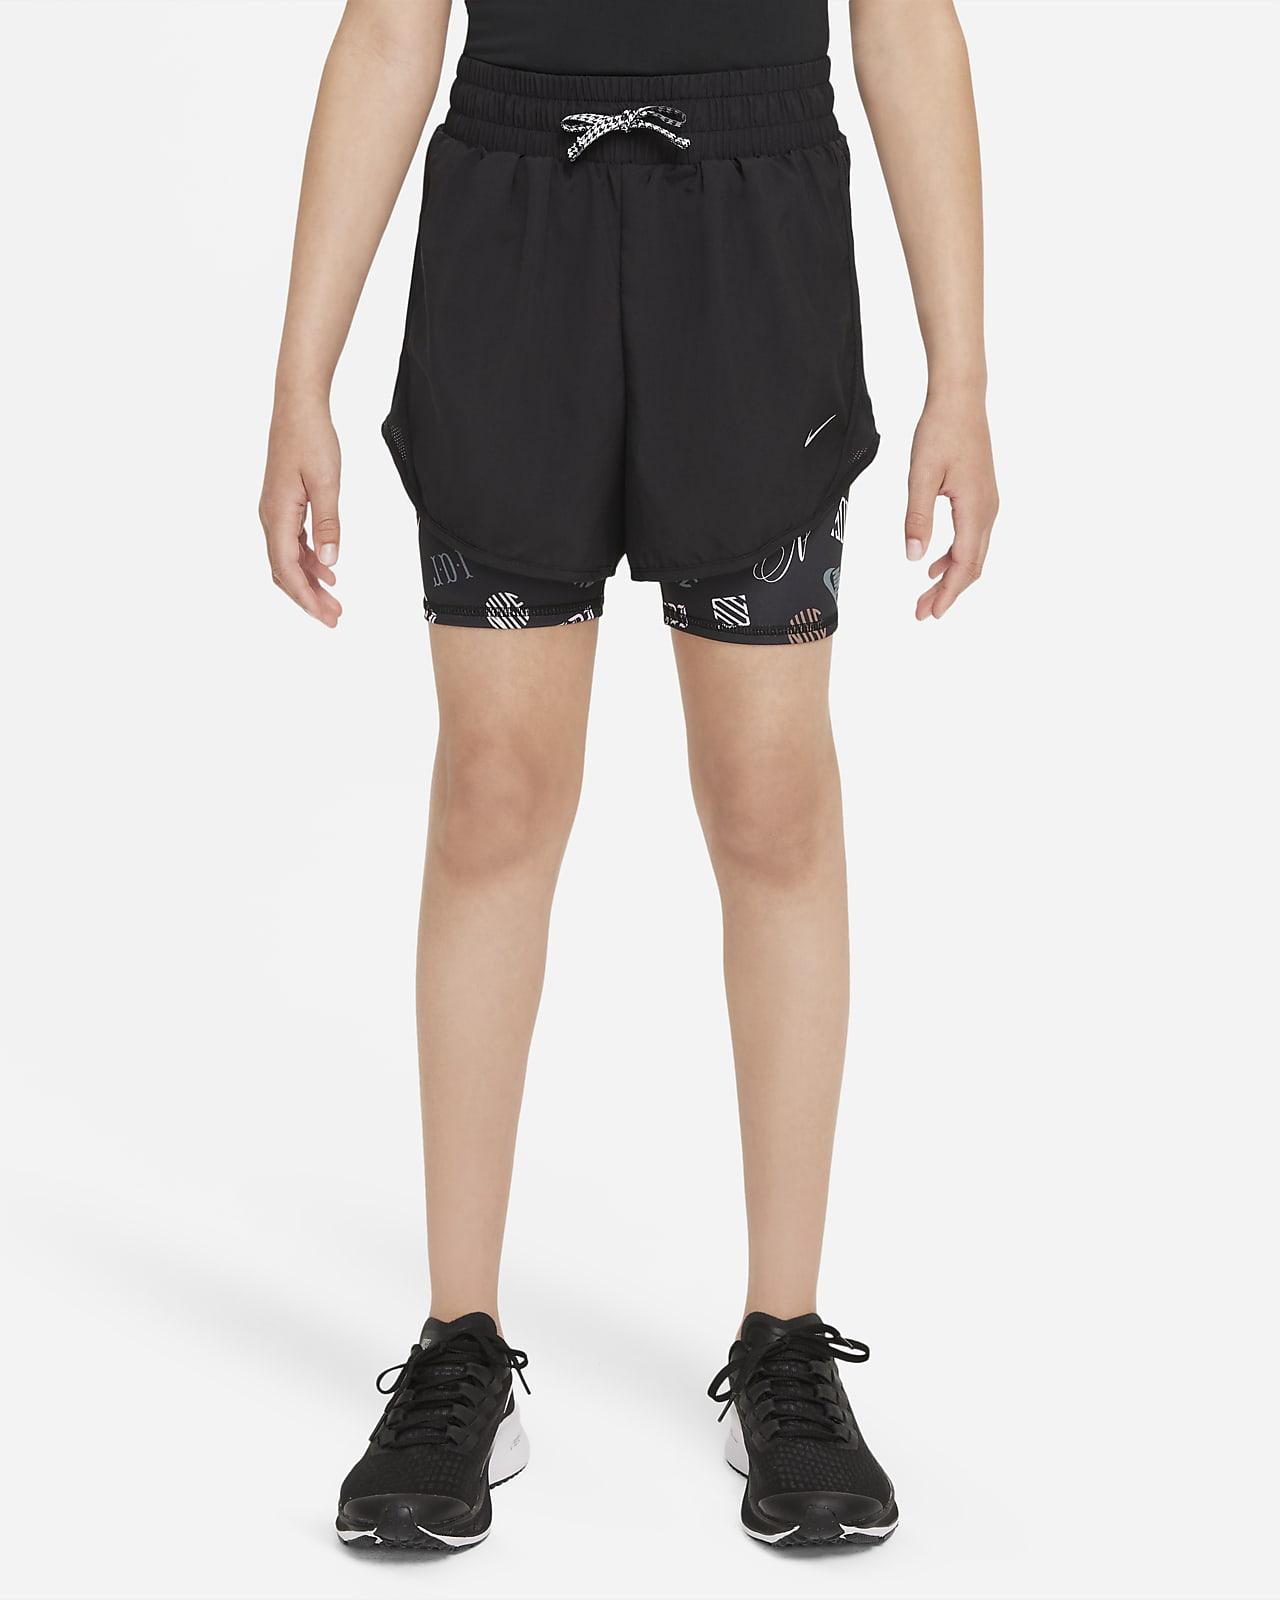 Nike Dri-FIT Tempo 大童(女孩)跑步短裤